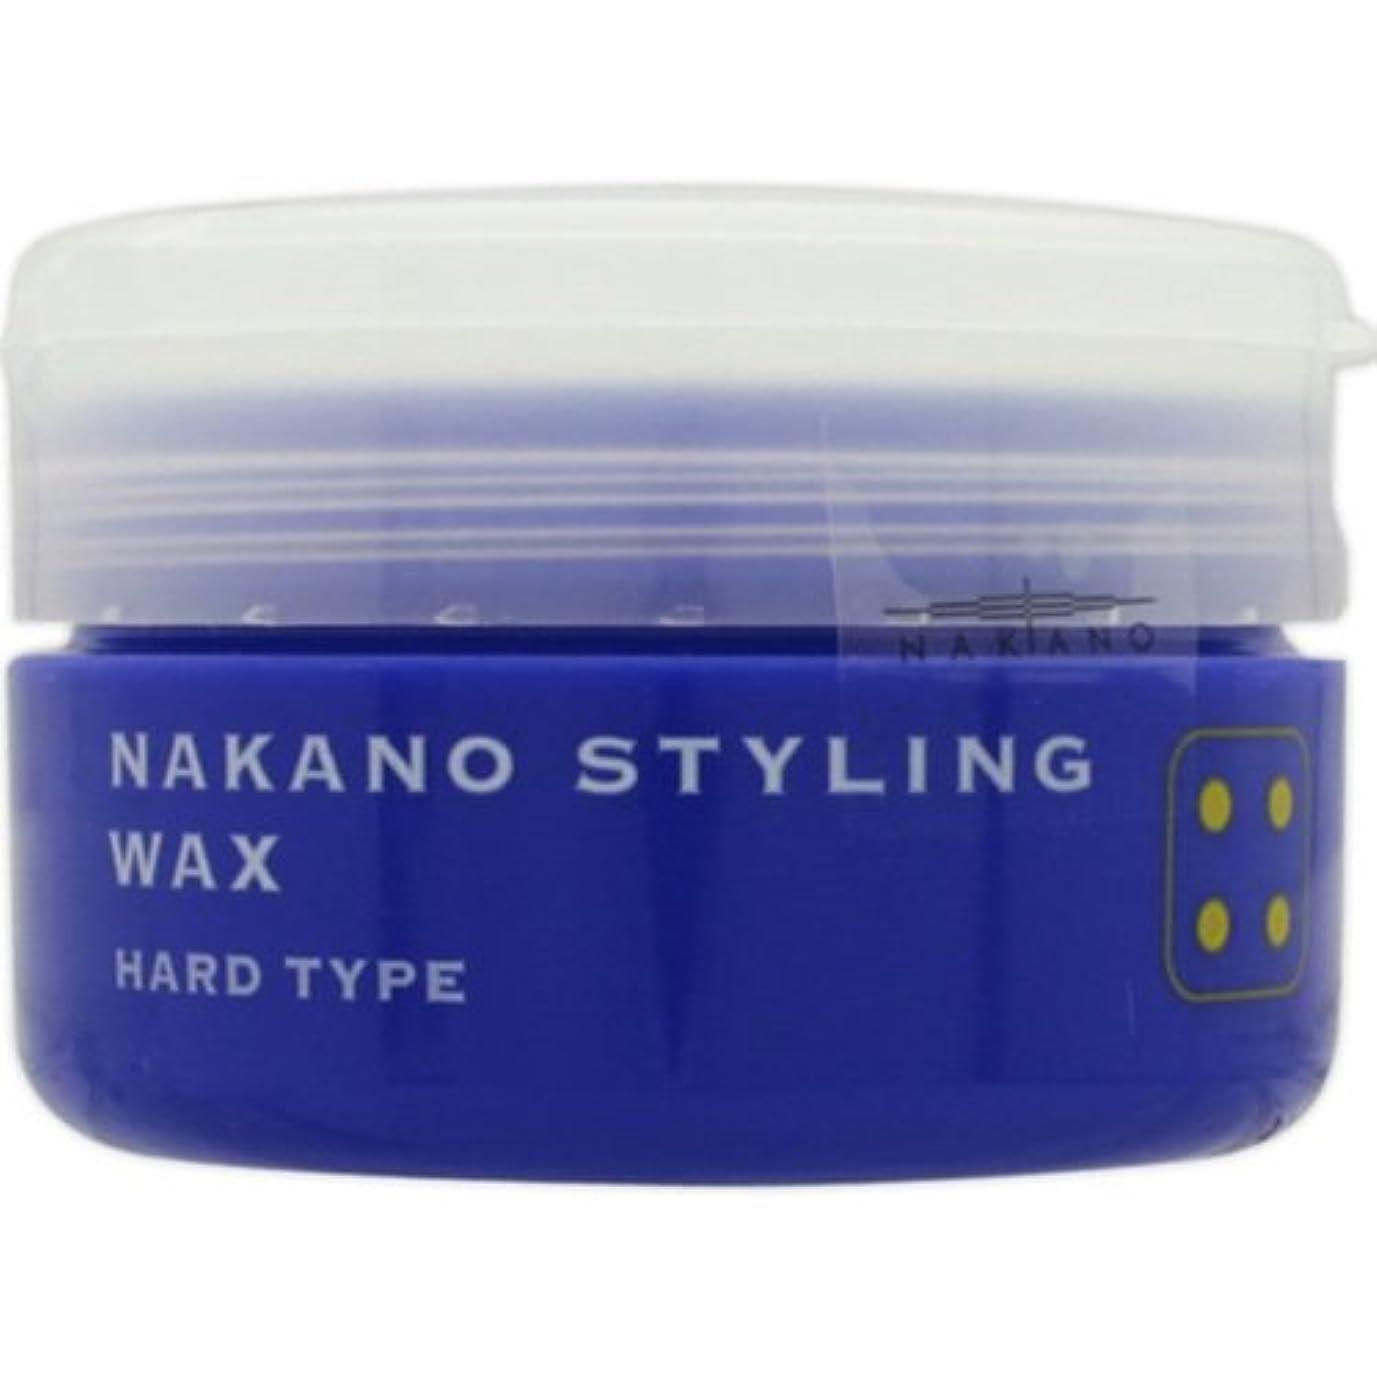 取り戻す周囲歌ナカノ スタイリングワックス 4 ハードタイプ 90g 中野製薬 NAKANO [並行輸入品]